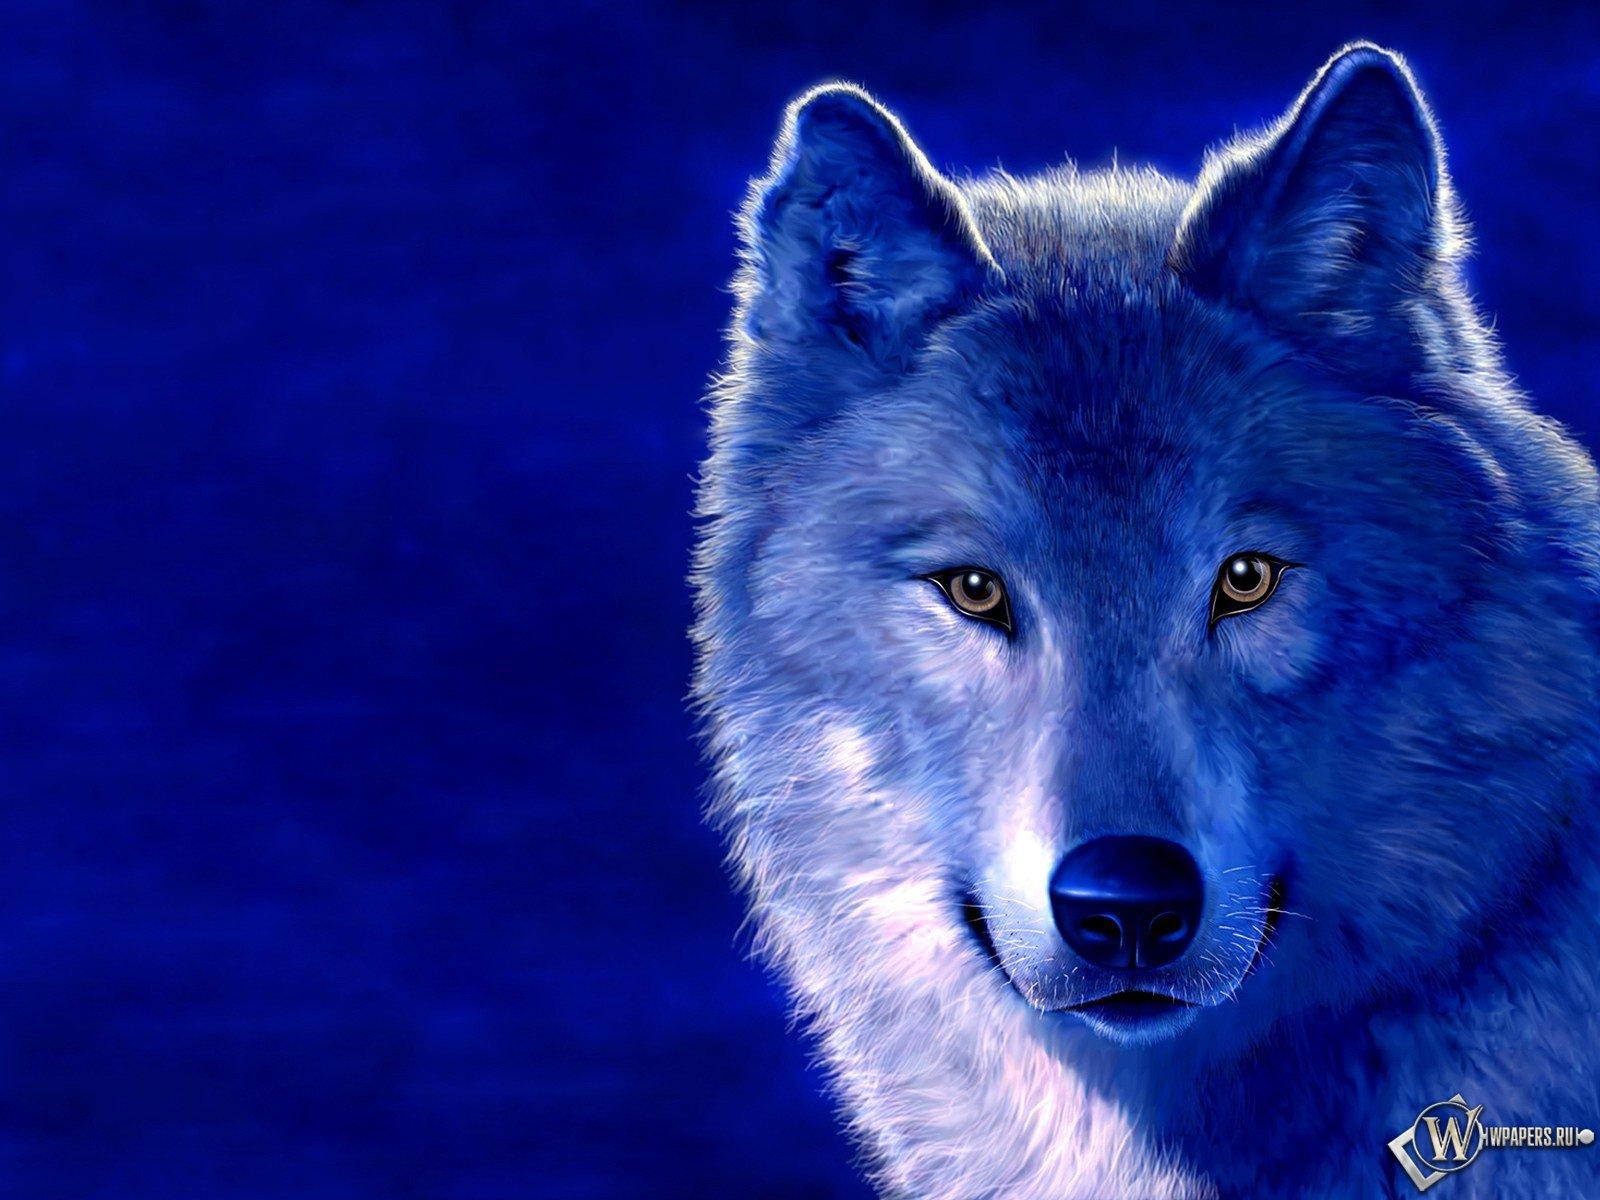 Wolf Wallpaper Background 3643 1600x1200